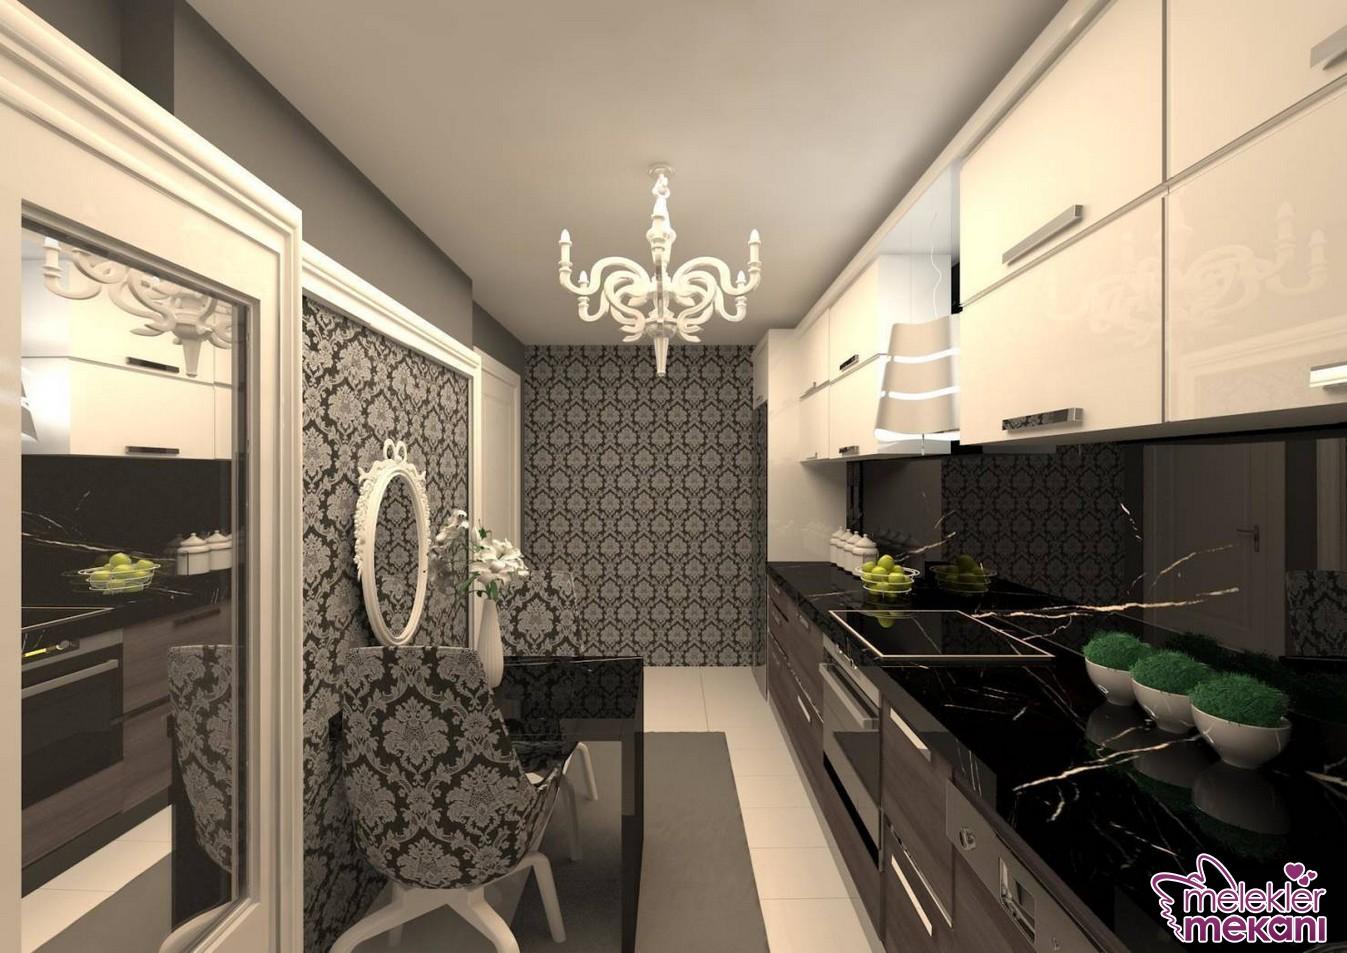 3059-damask-desenler-mutfaginiza-geldi-jpg.79899 Mutfak duvar kağıdı dekorasyonun da son trendler Melekler Mekanı Forum